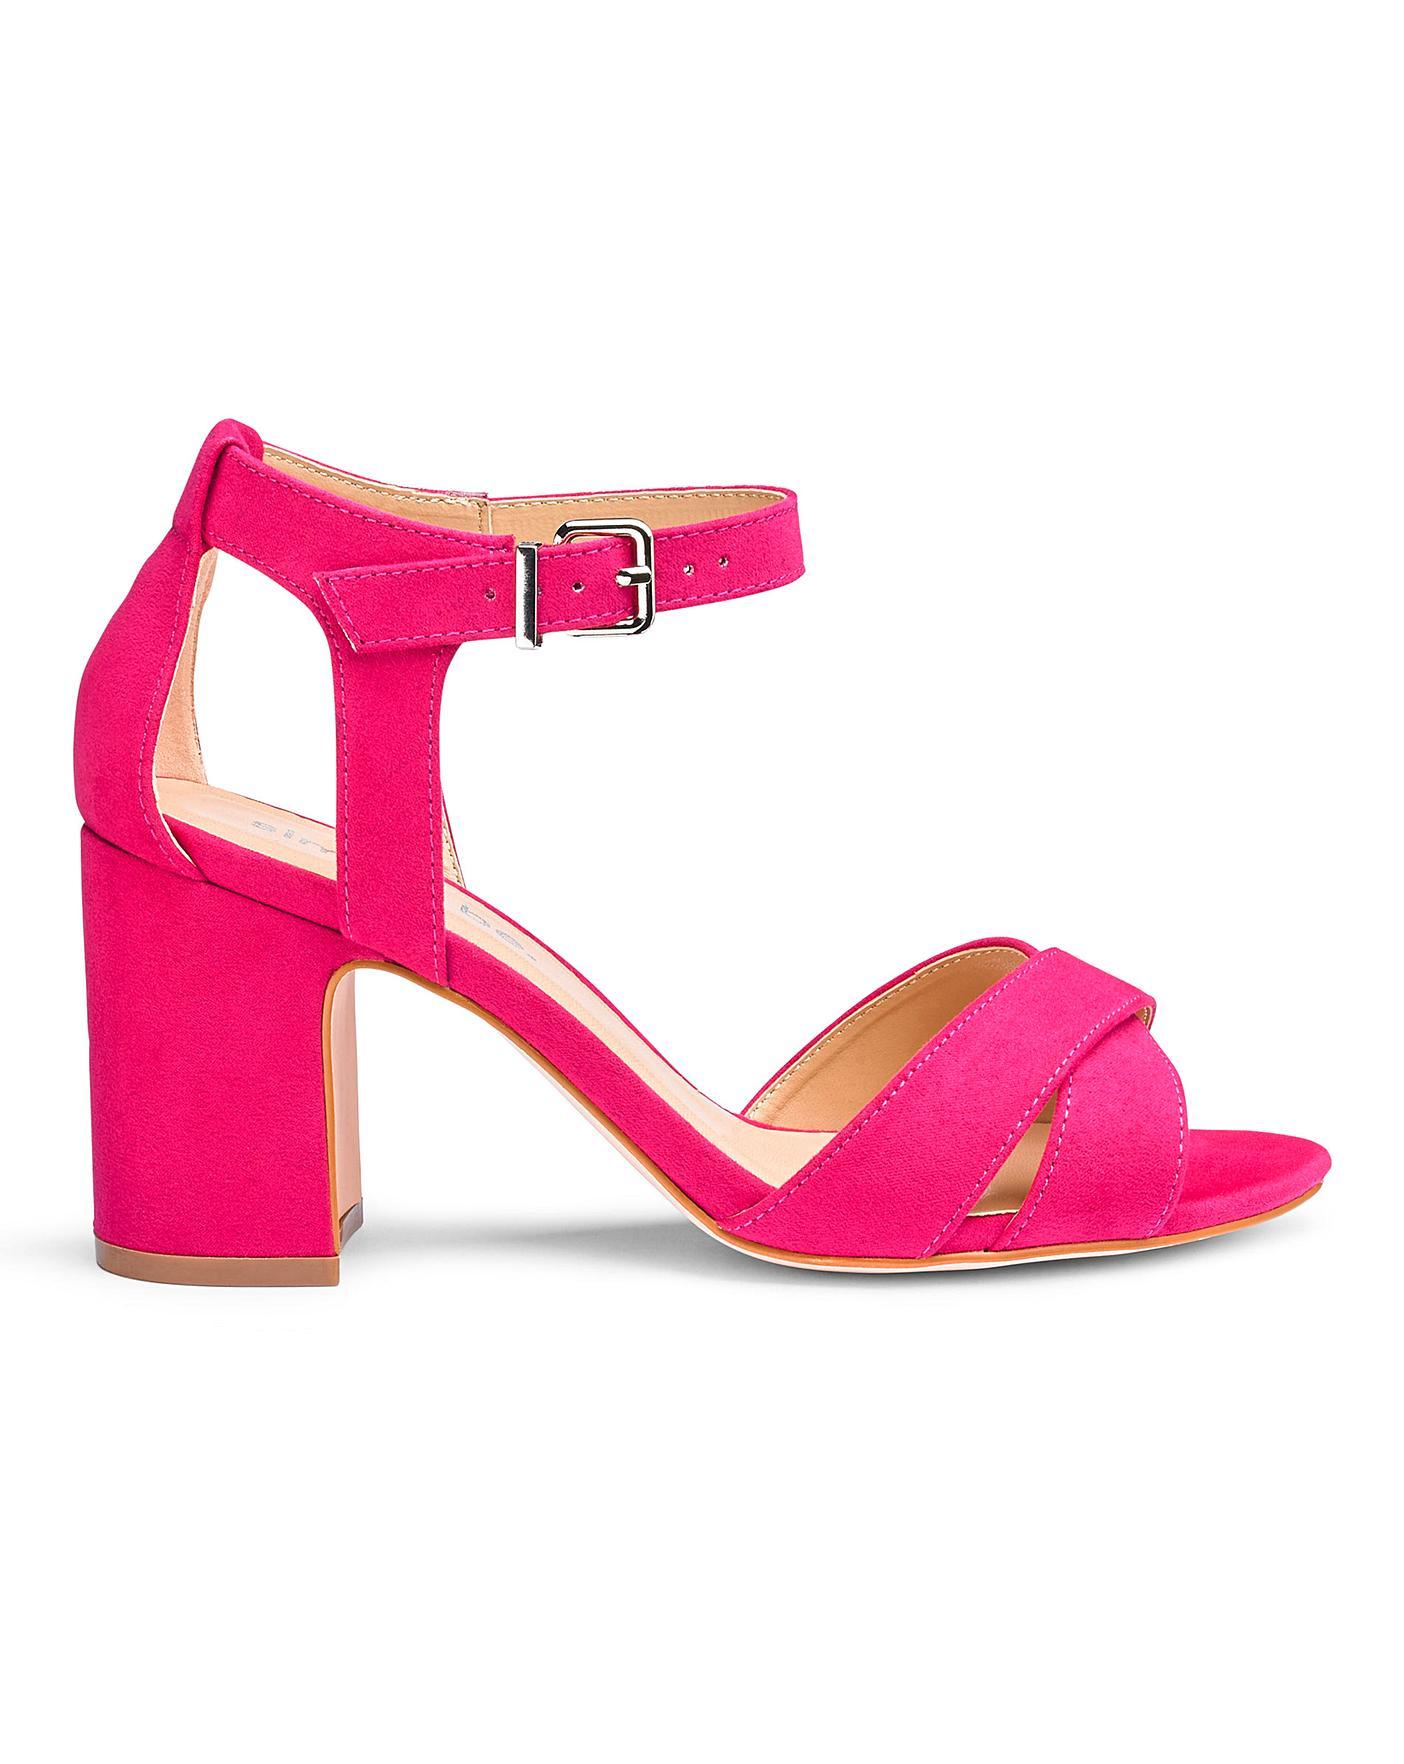 Helen Mid Block Heel Wide Fit | J D